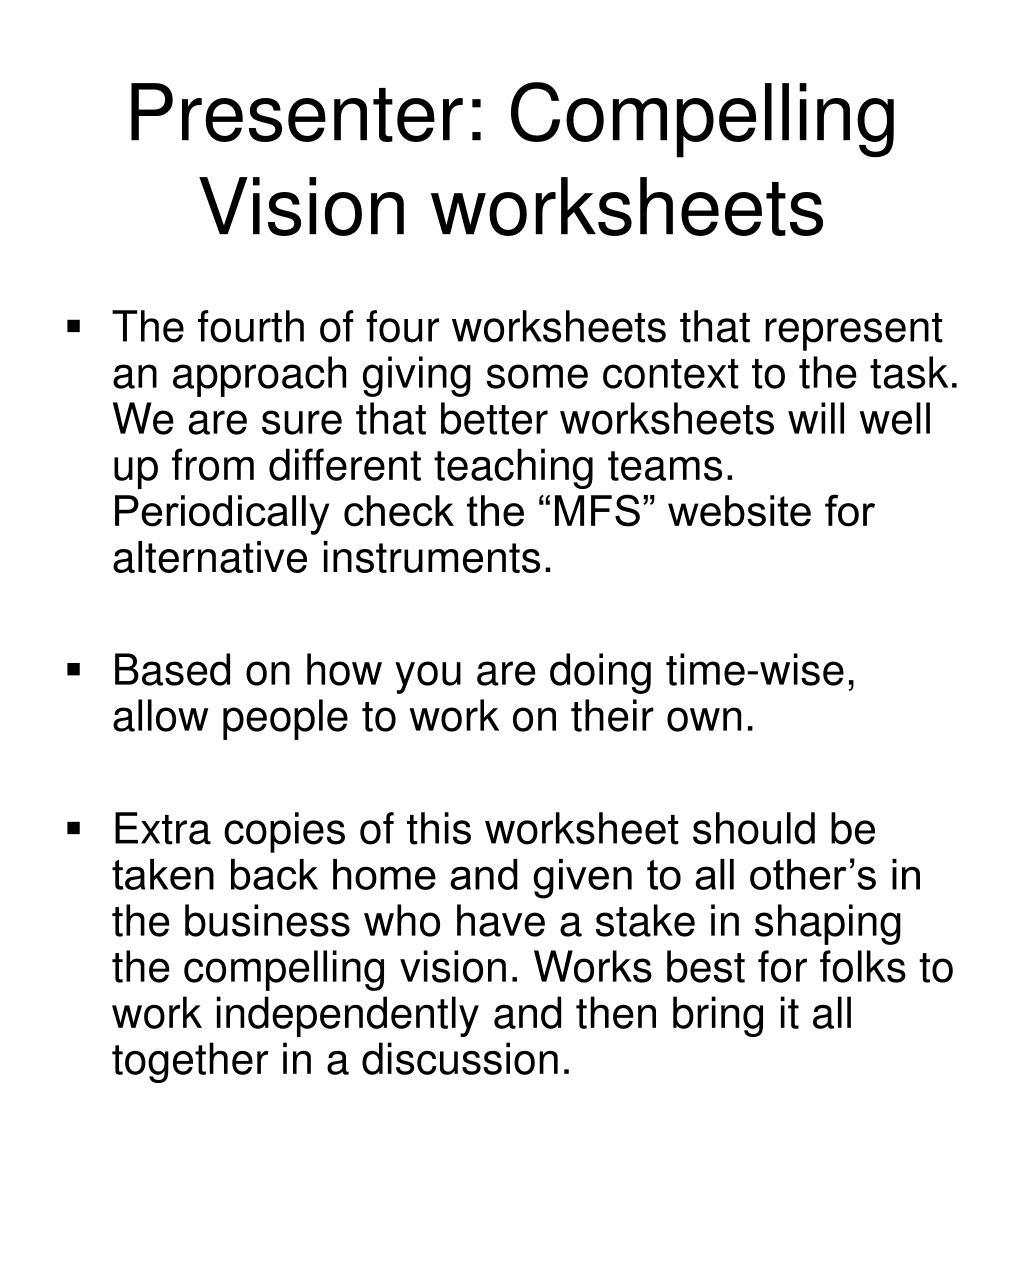 Presenter: Compelling Vision worksheets